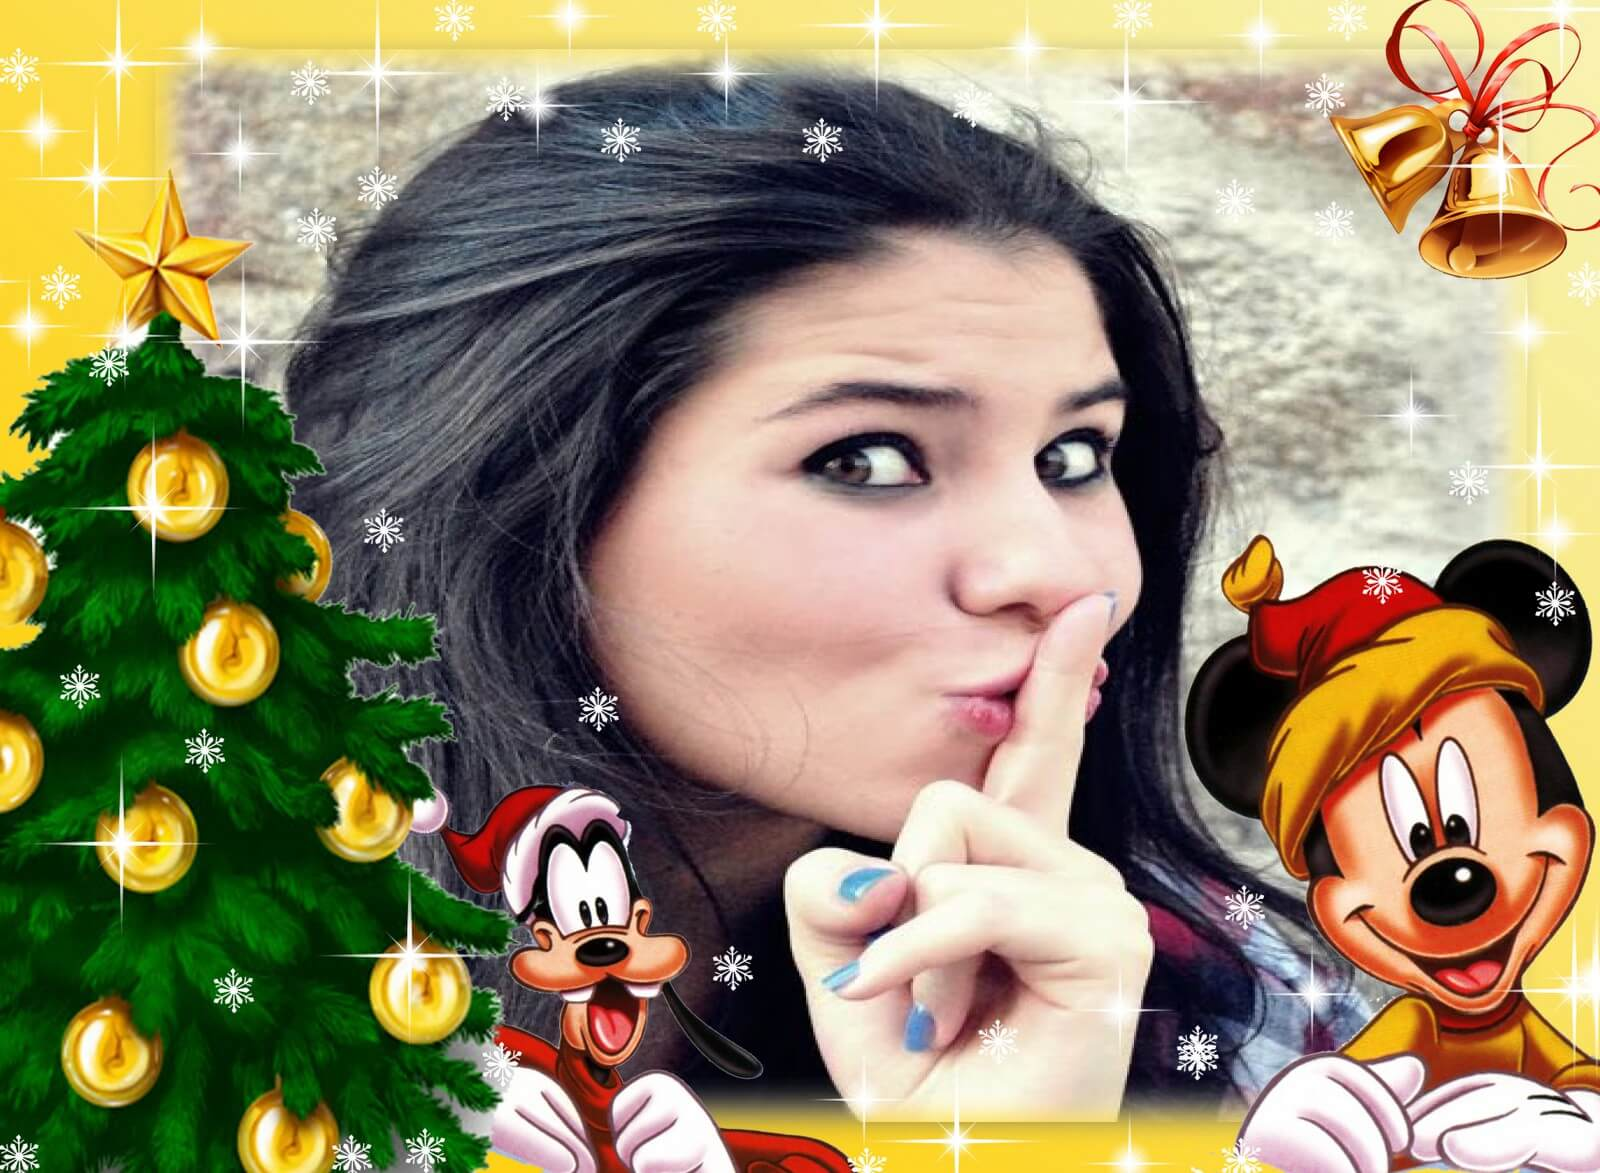 fotomontagem-lembraca-de-natal-magico-disney